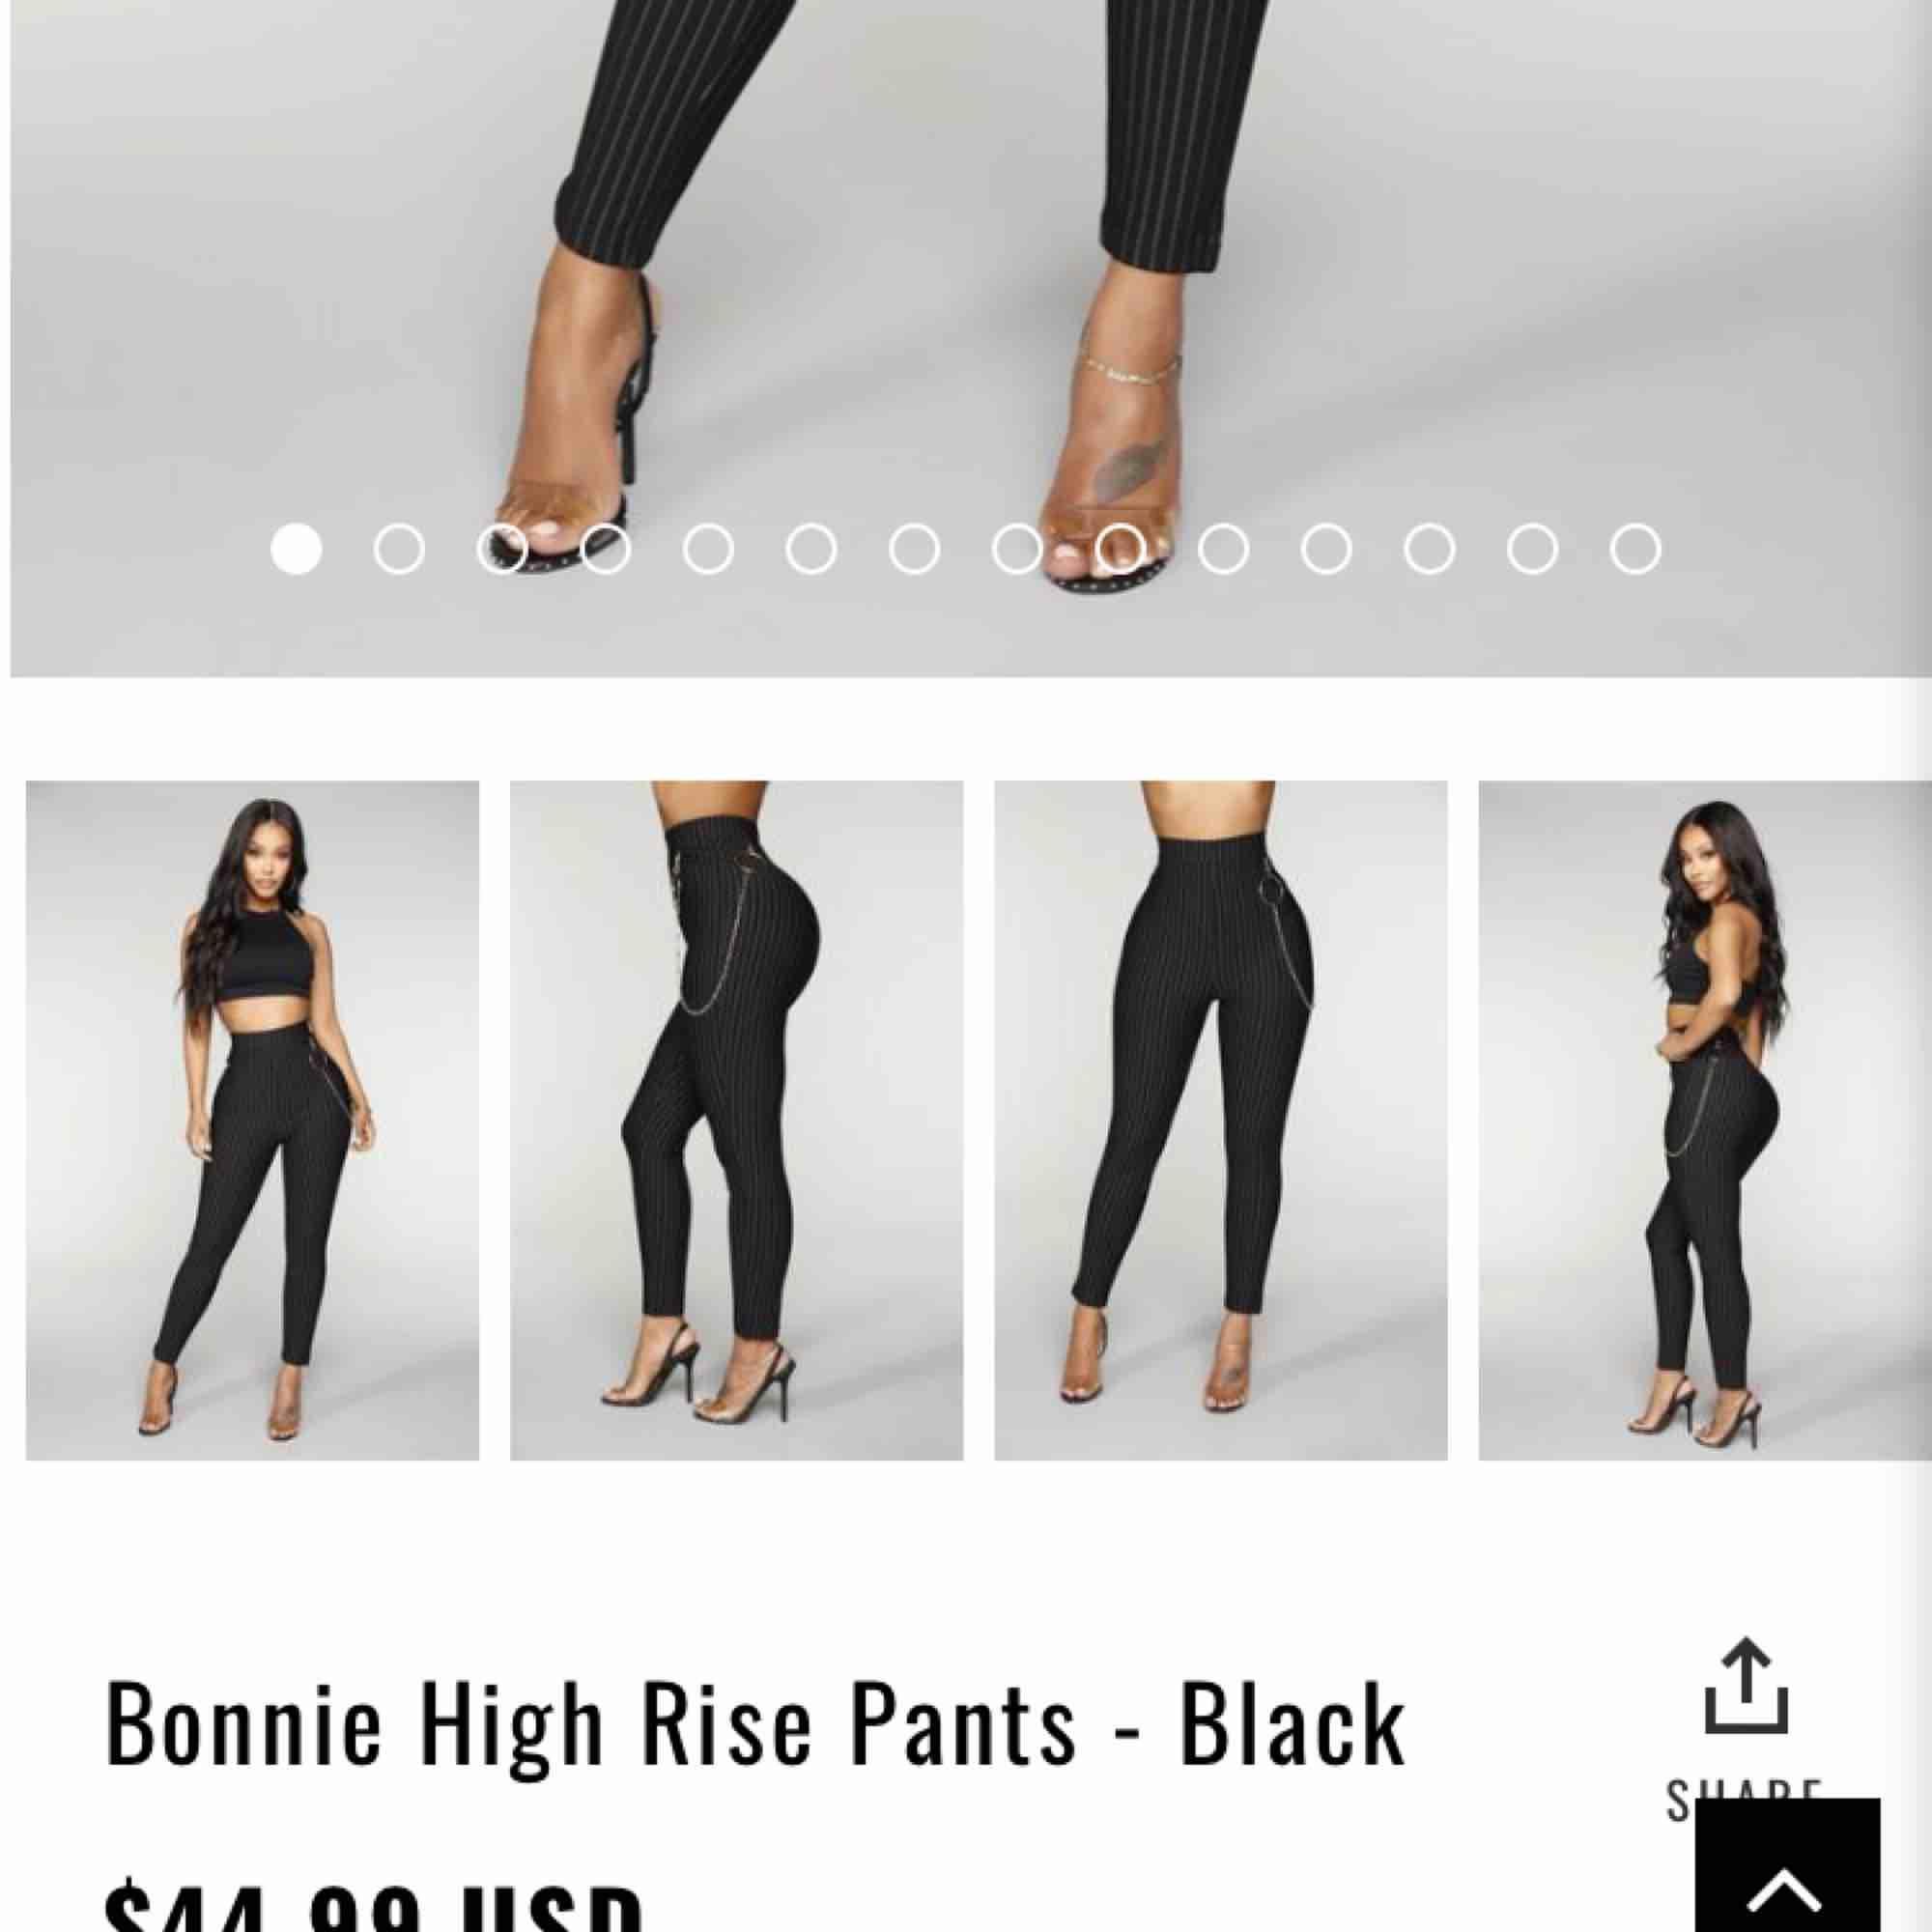 Helt ny och oanvänd högmidjade byxor/leggins. Kedja i detalj. Svart och vita linjer. Storlek S. 💕. Jeans & Byxor.